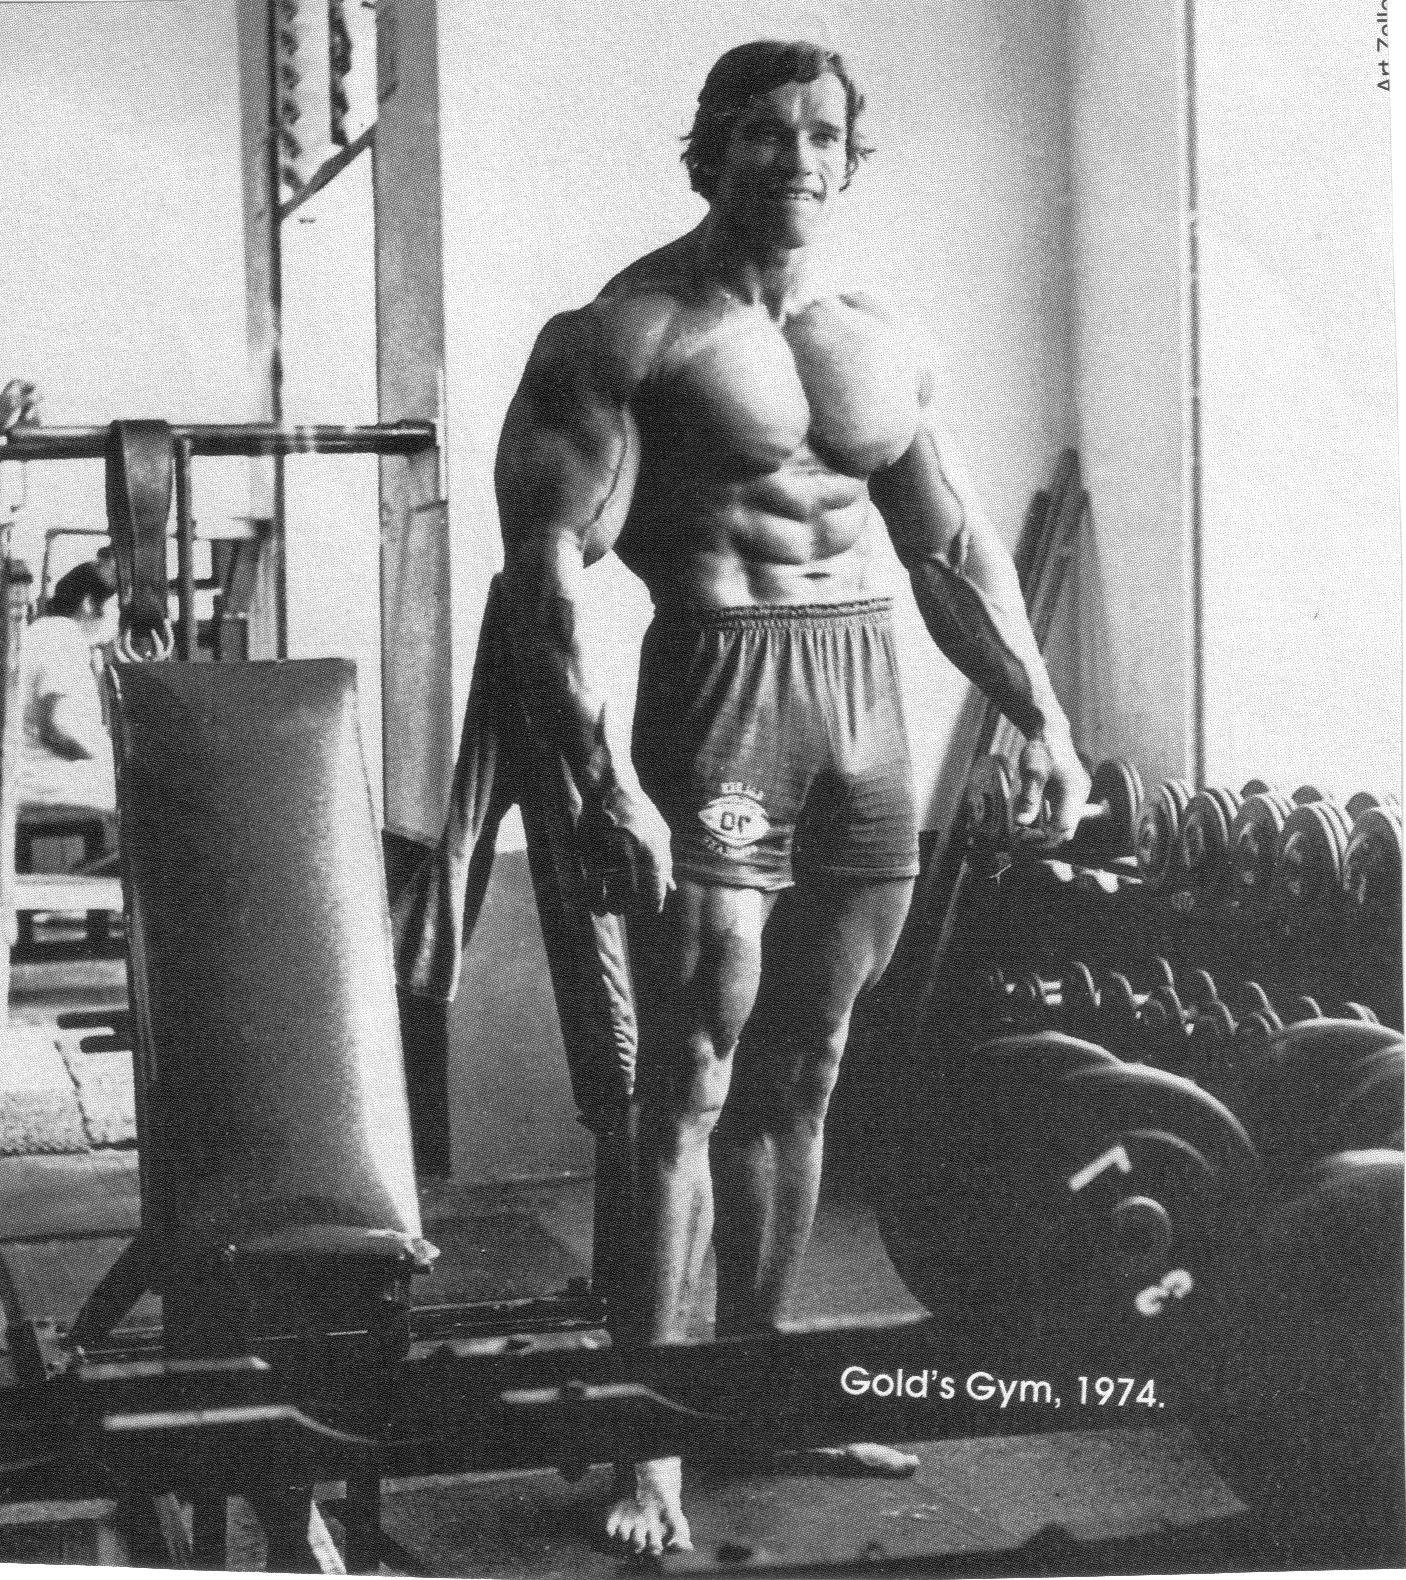 Monochrome Arnold Schwarzenegger Bodybuilder Skinny Gyms Exercising Dumbbells Bodybuilding Barbell Muscle Arm Chest Black And White